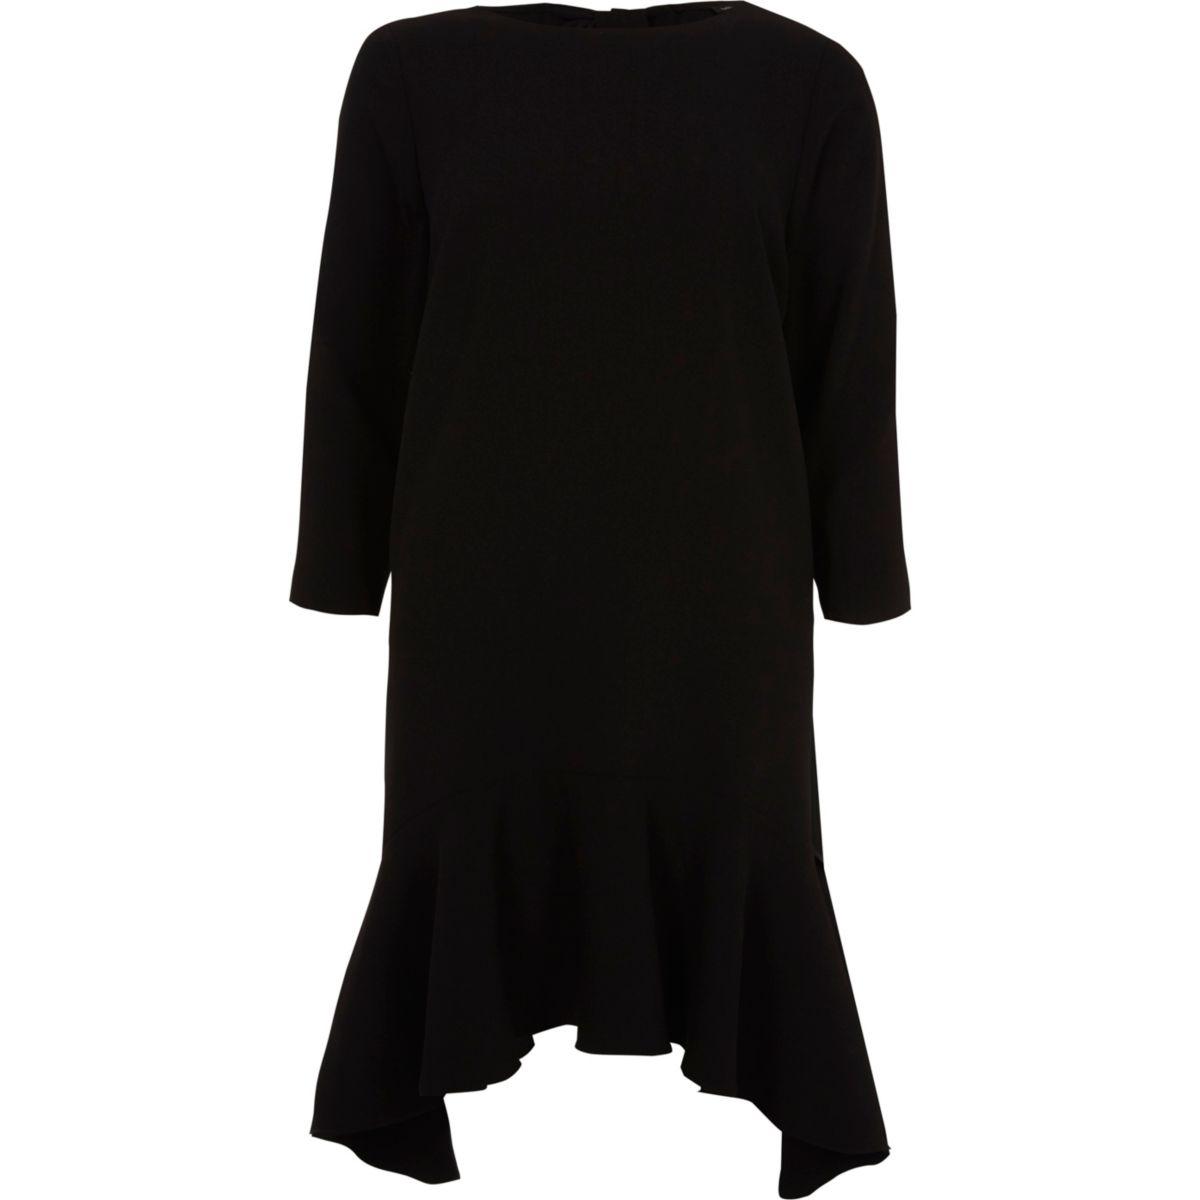 Schwarzes Swing-Kleid mit langen Ärmeln und Schößchen